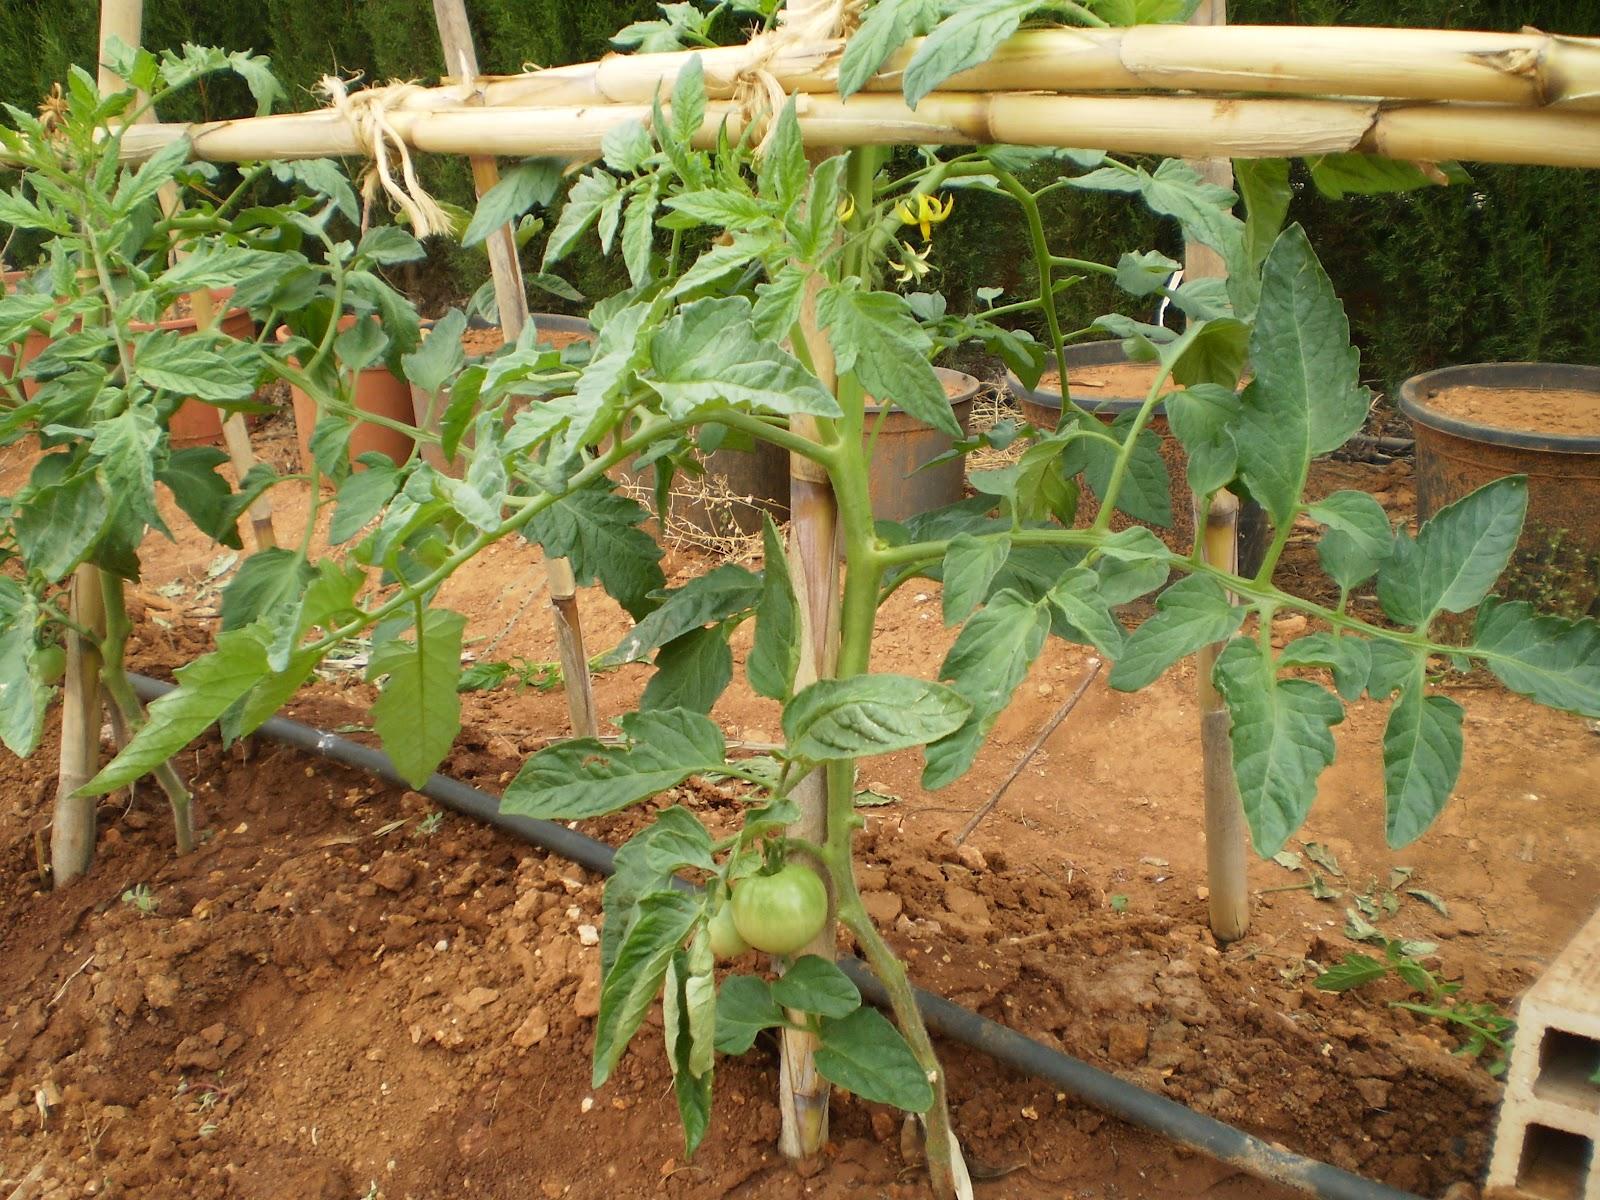 El blog de la elena un blog dulce divertido y - Cuando plantar tomates ...